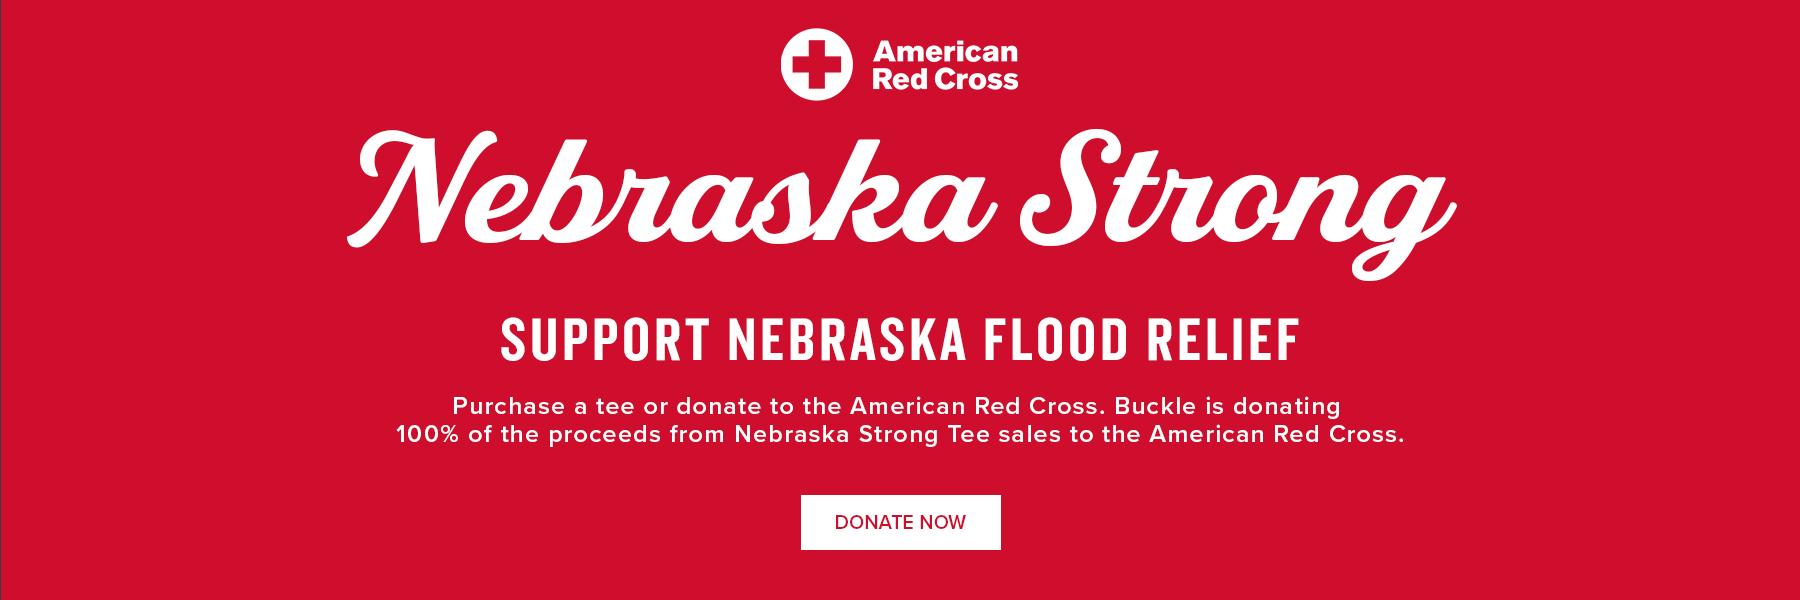 Nebraska Strong Support Nebraska Flood Relief - Donate Now